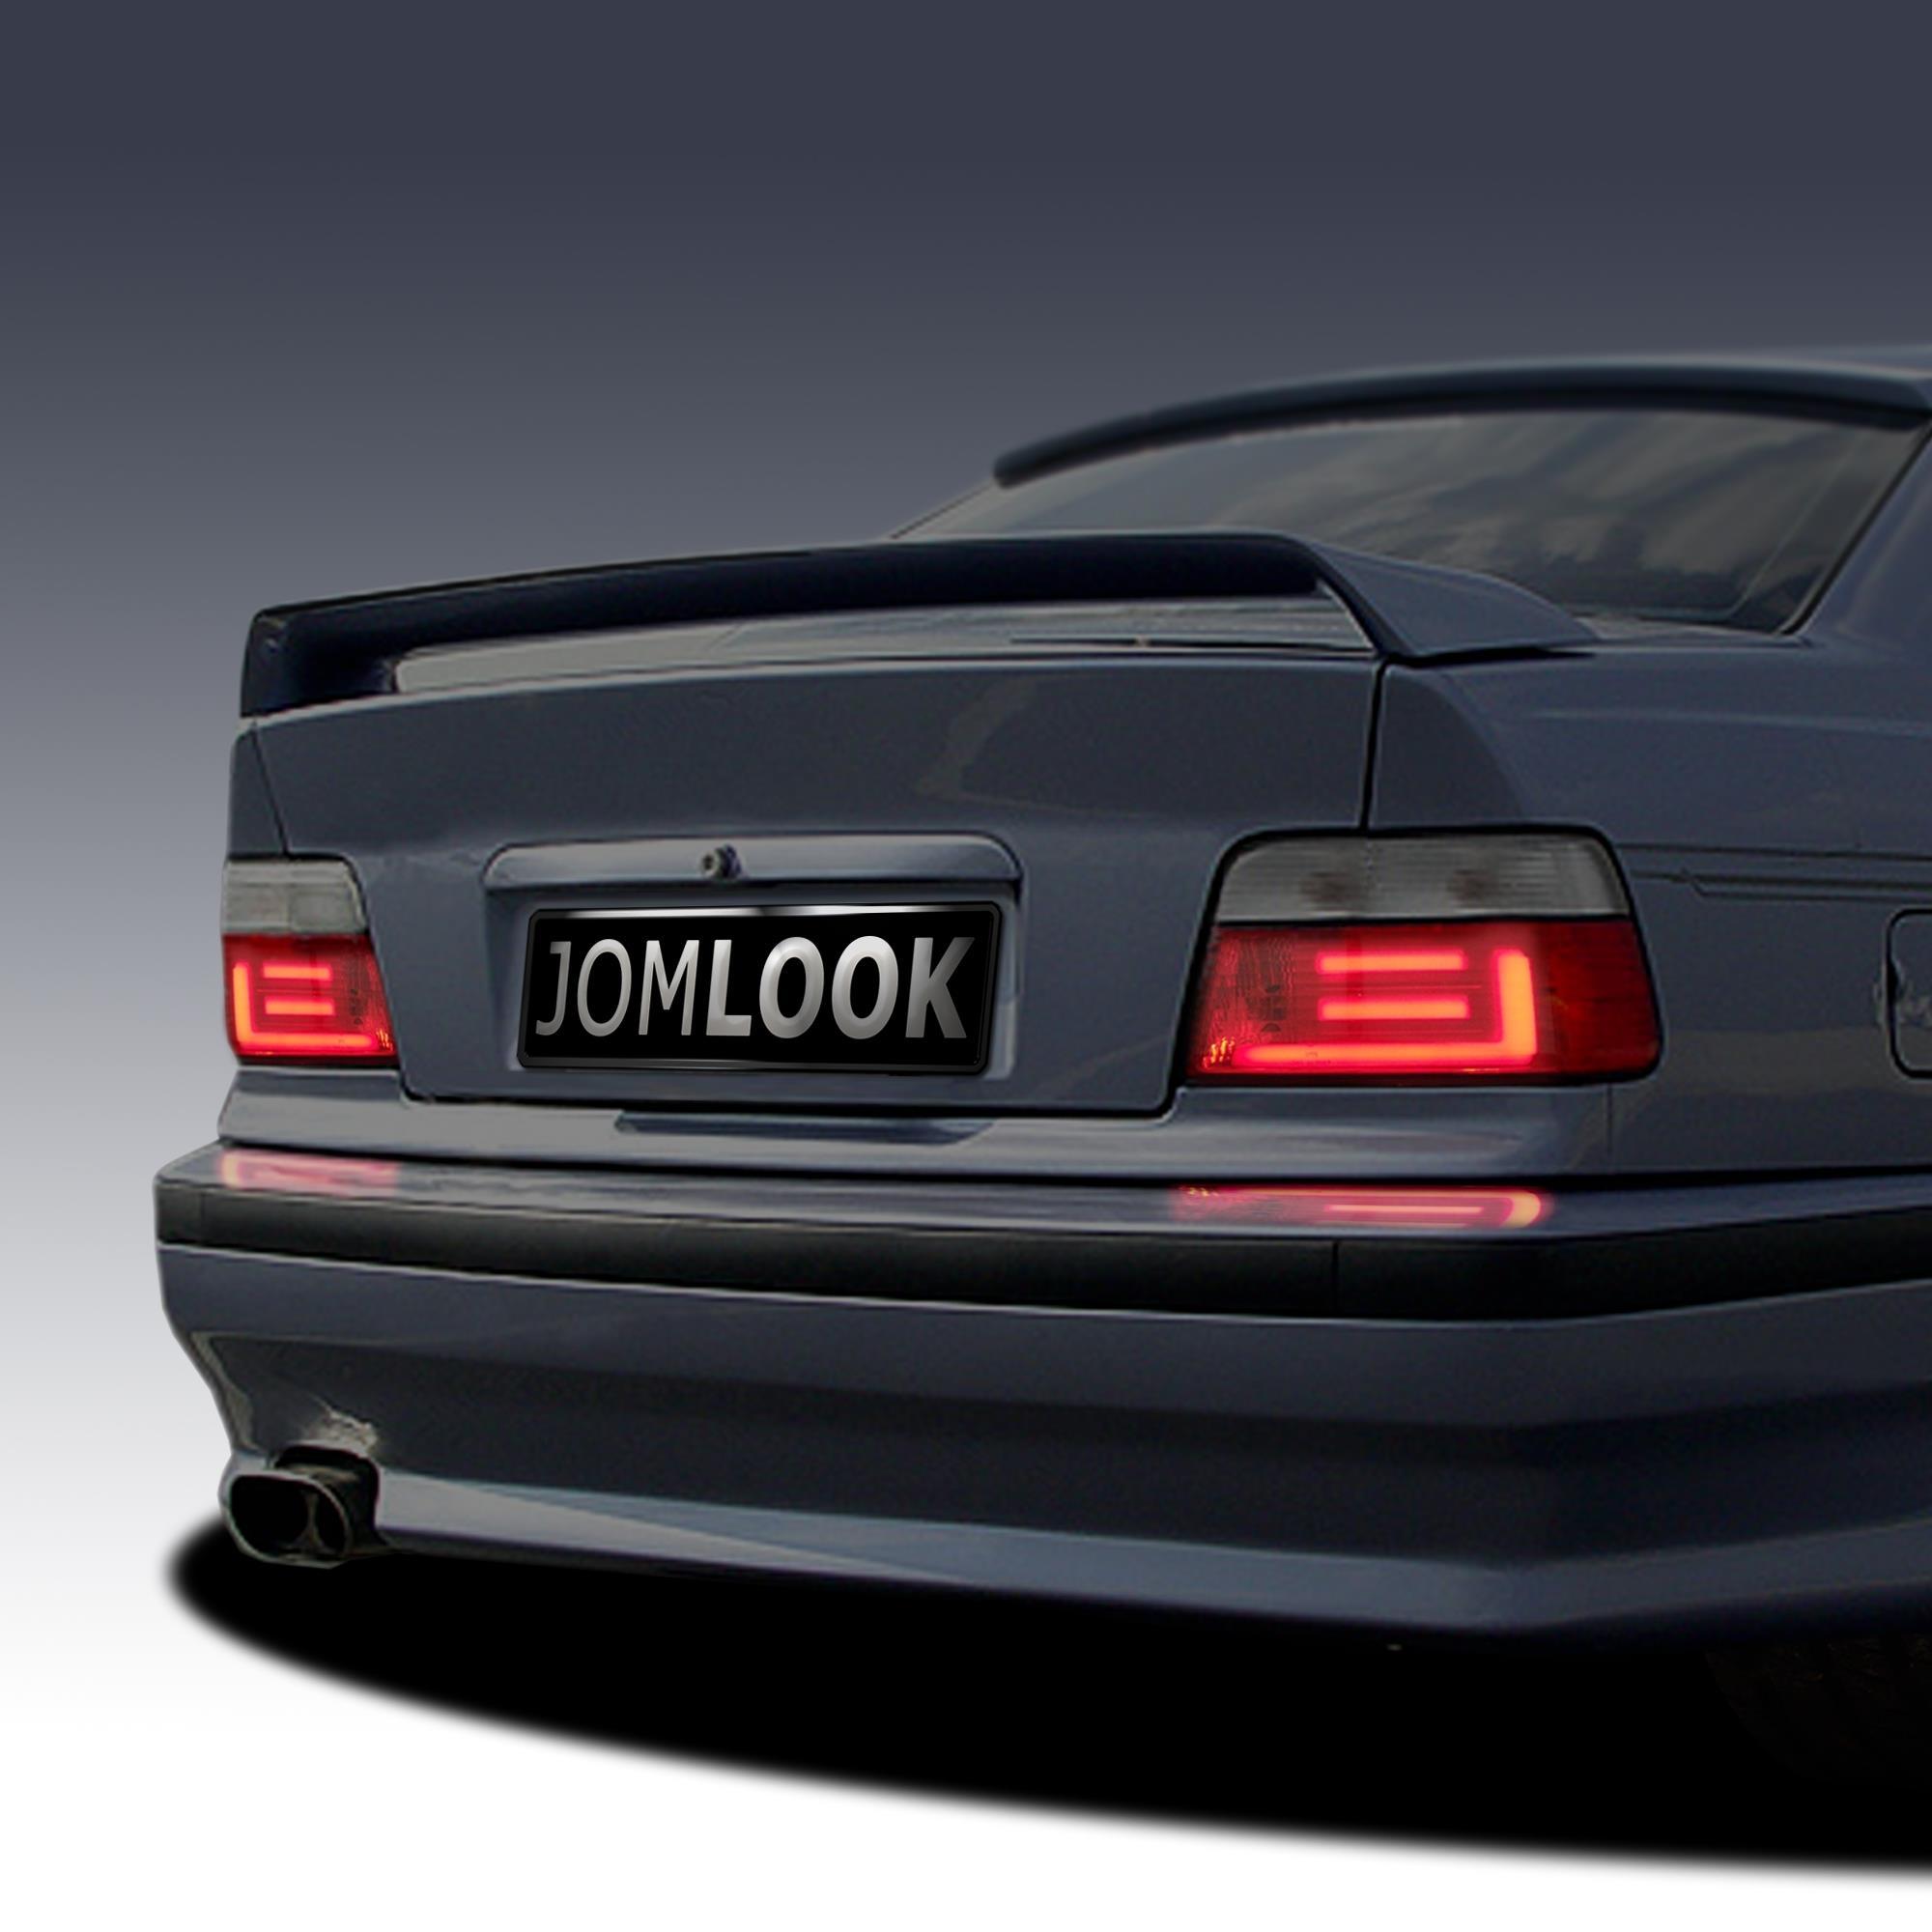 LED RCKLEUCHTEN links rechts BMW 3er E36 Limousine Heckleuchten ...